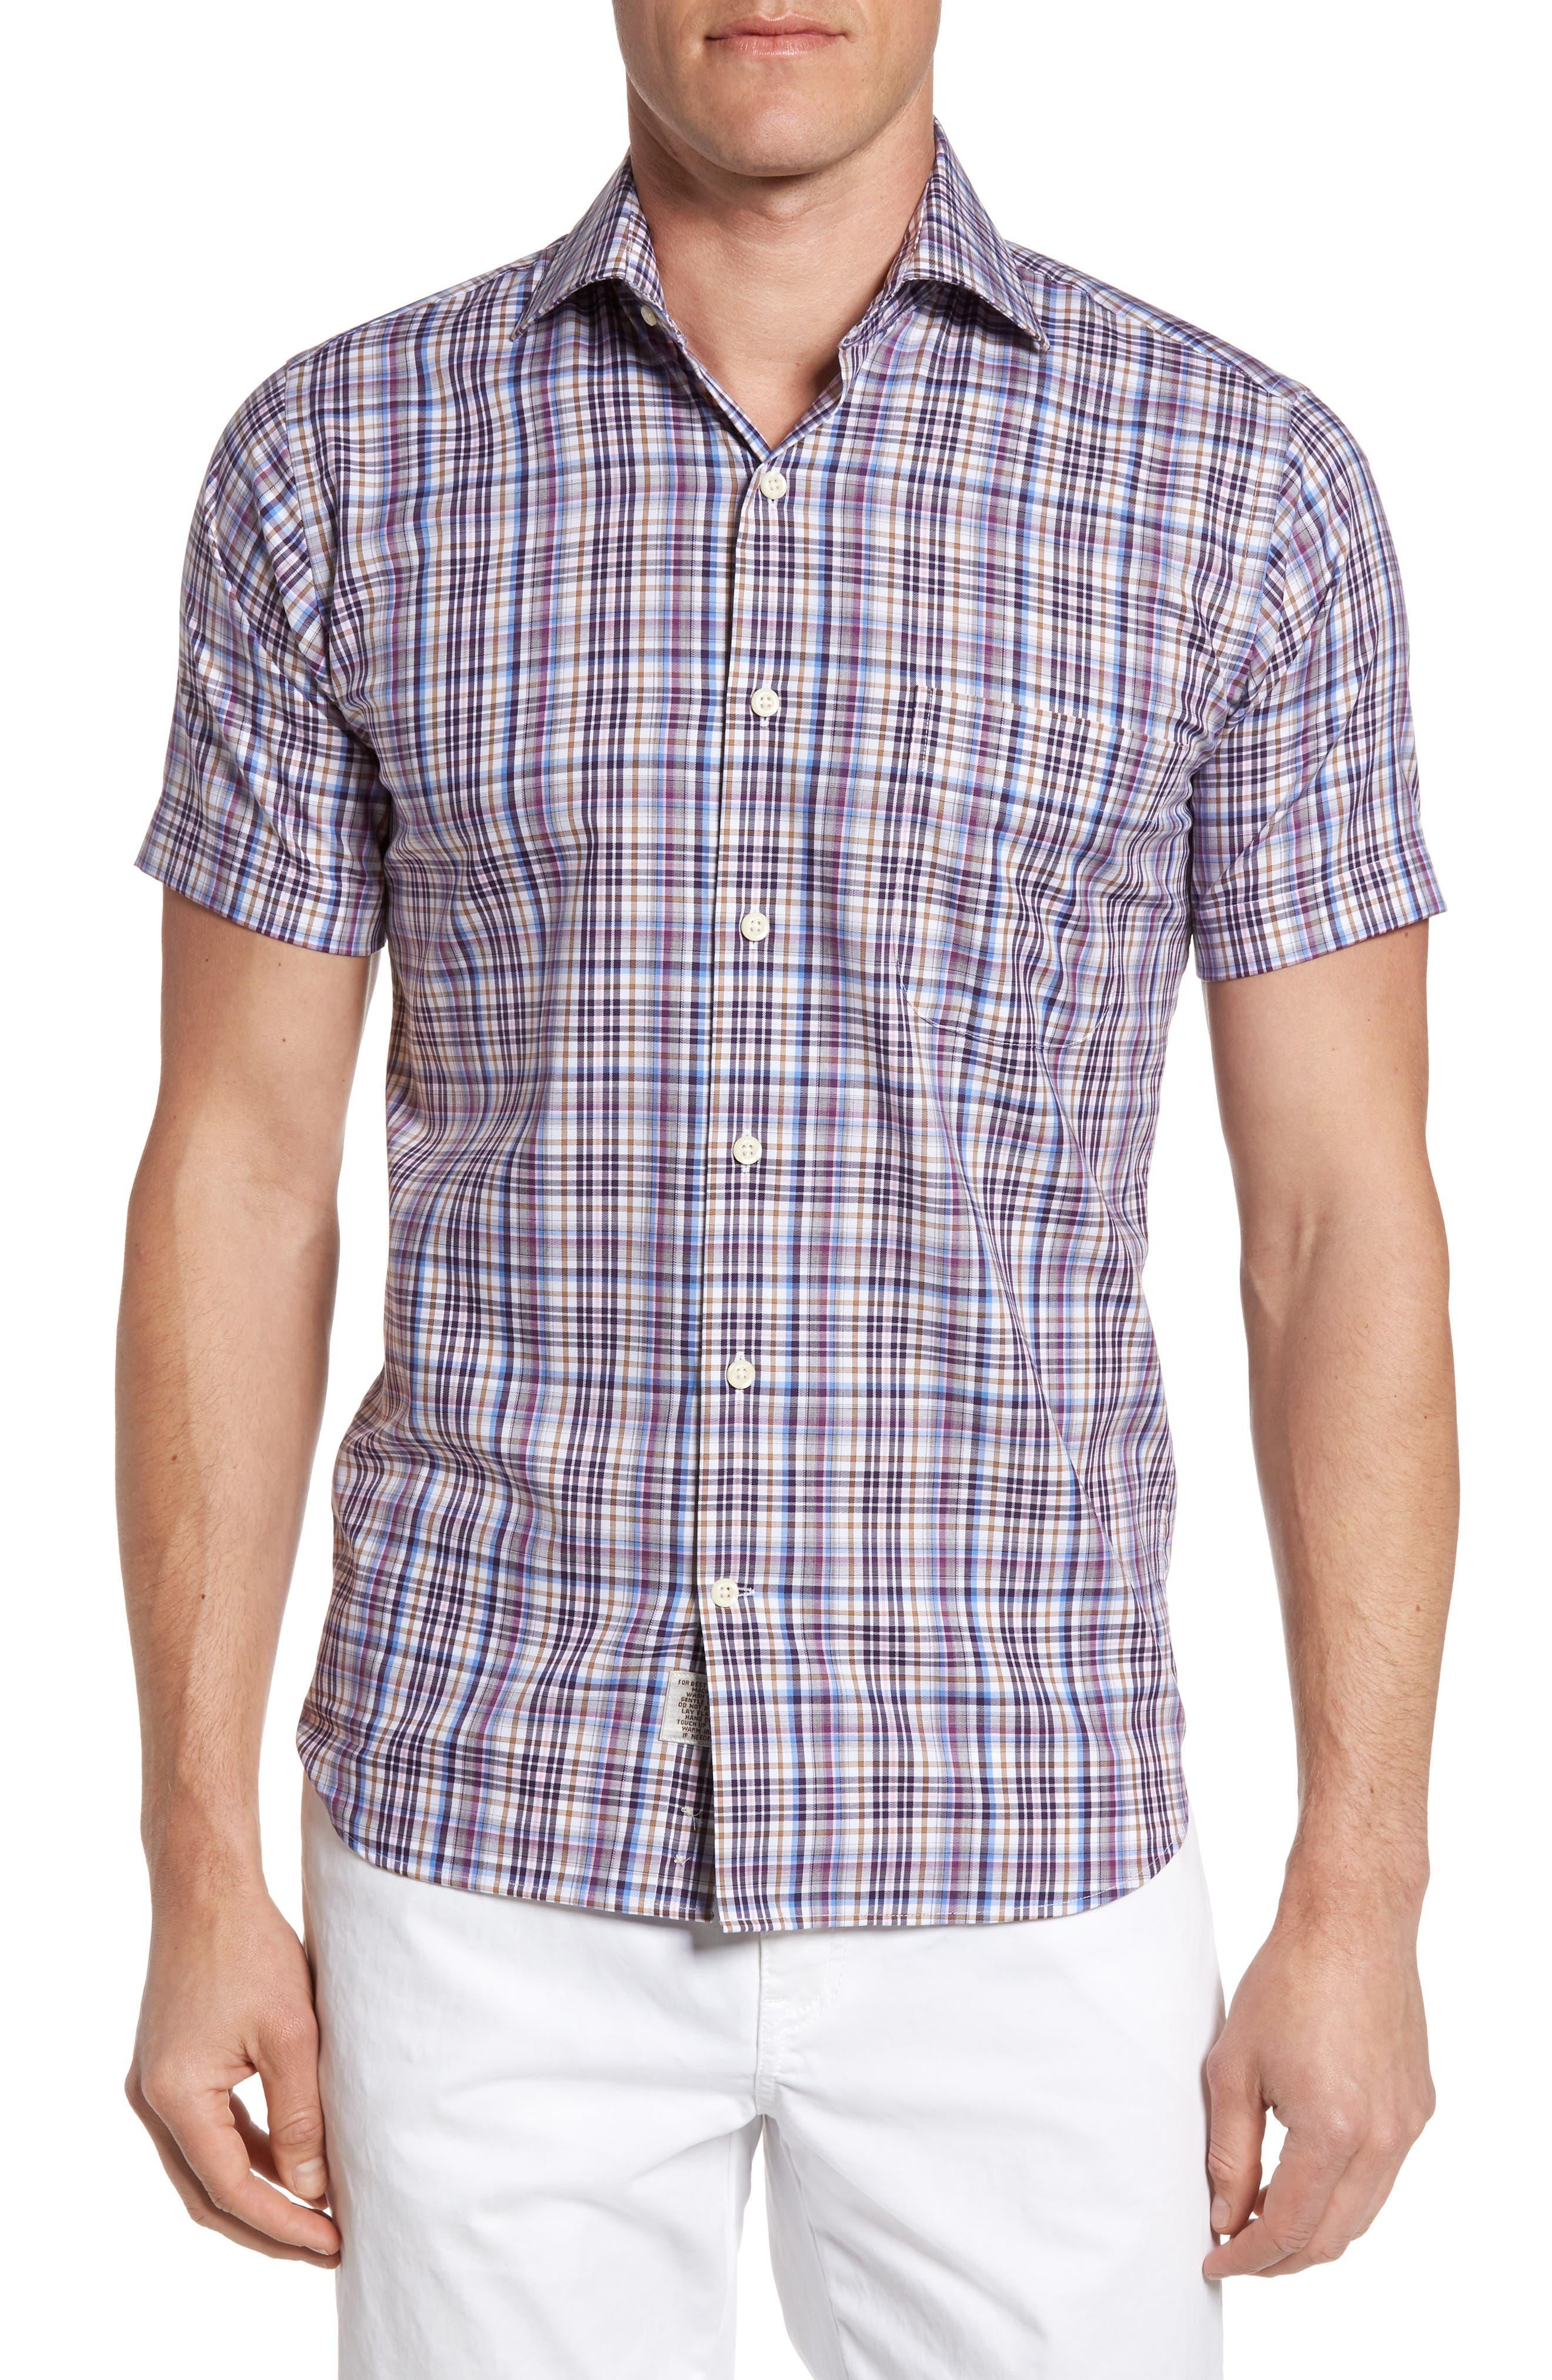 Peter Millar Destination Plaid Short Sleeve Sport Shirt